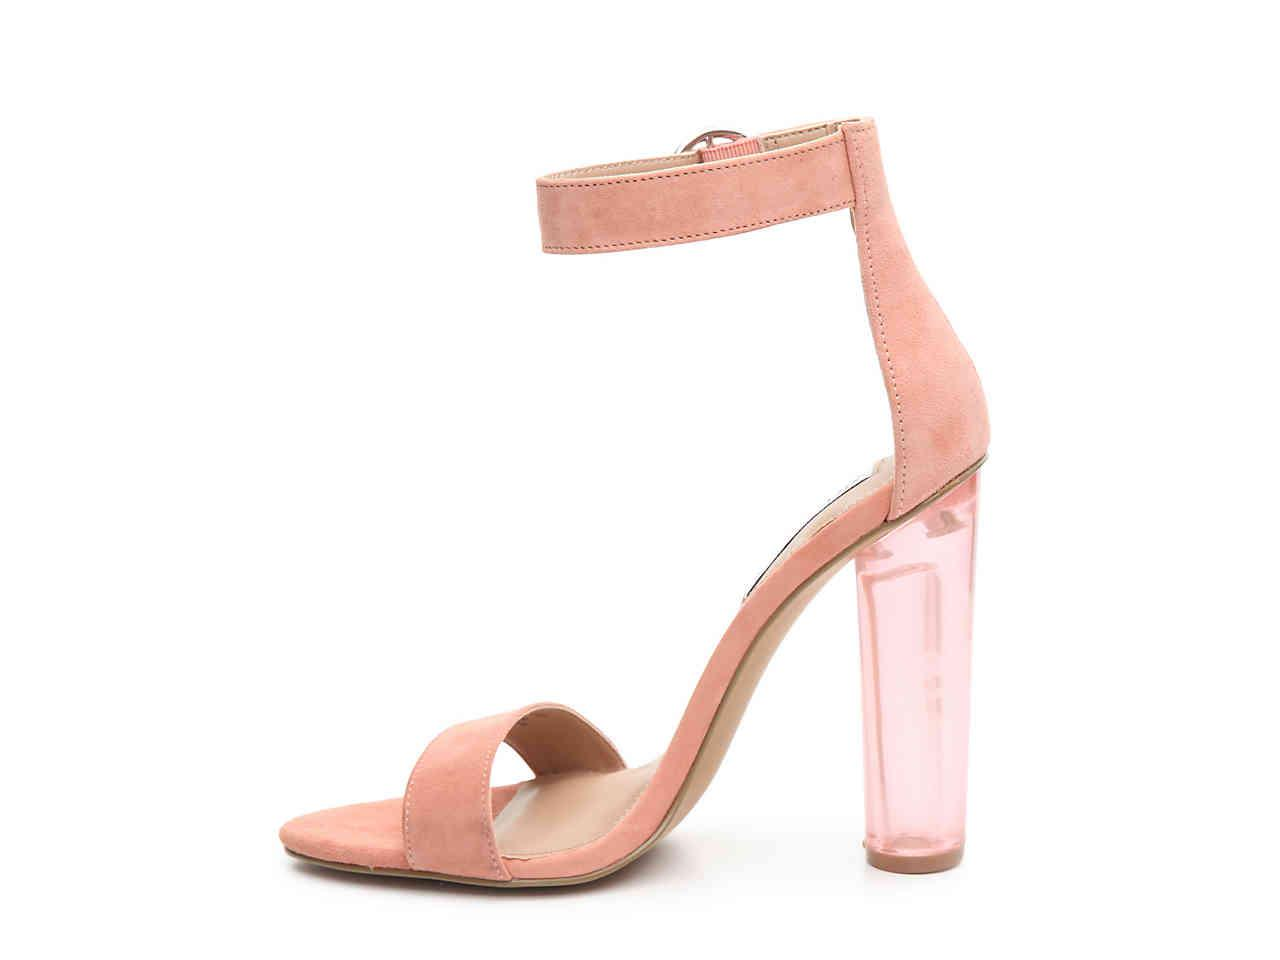 Teaser Suede Dress Sandals